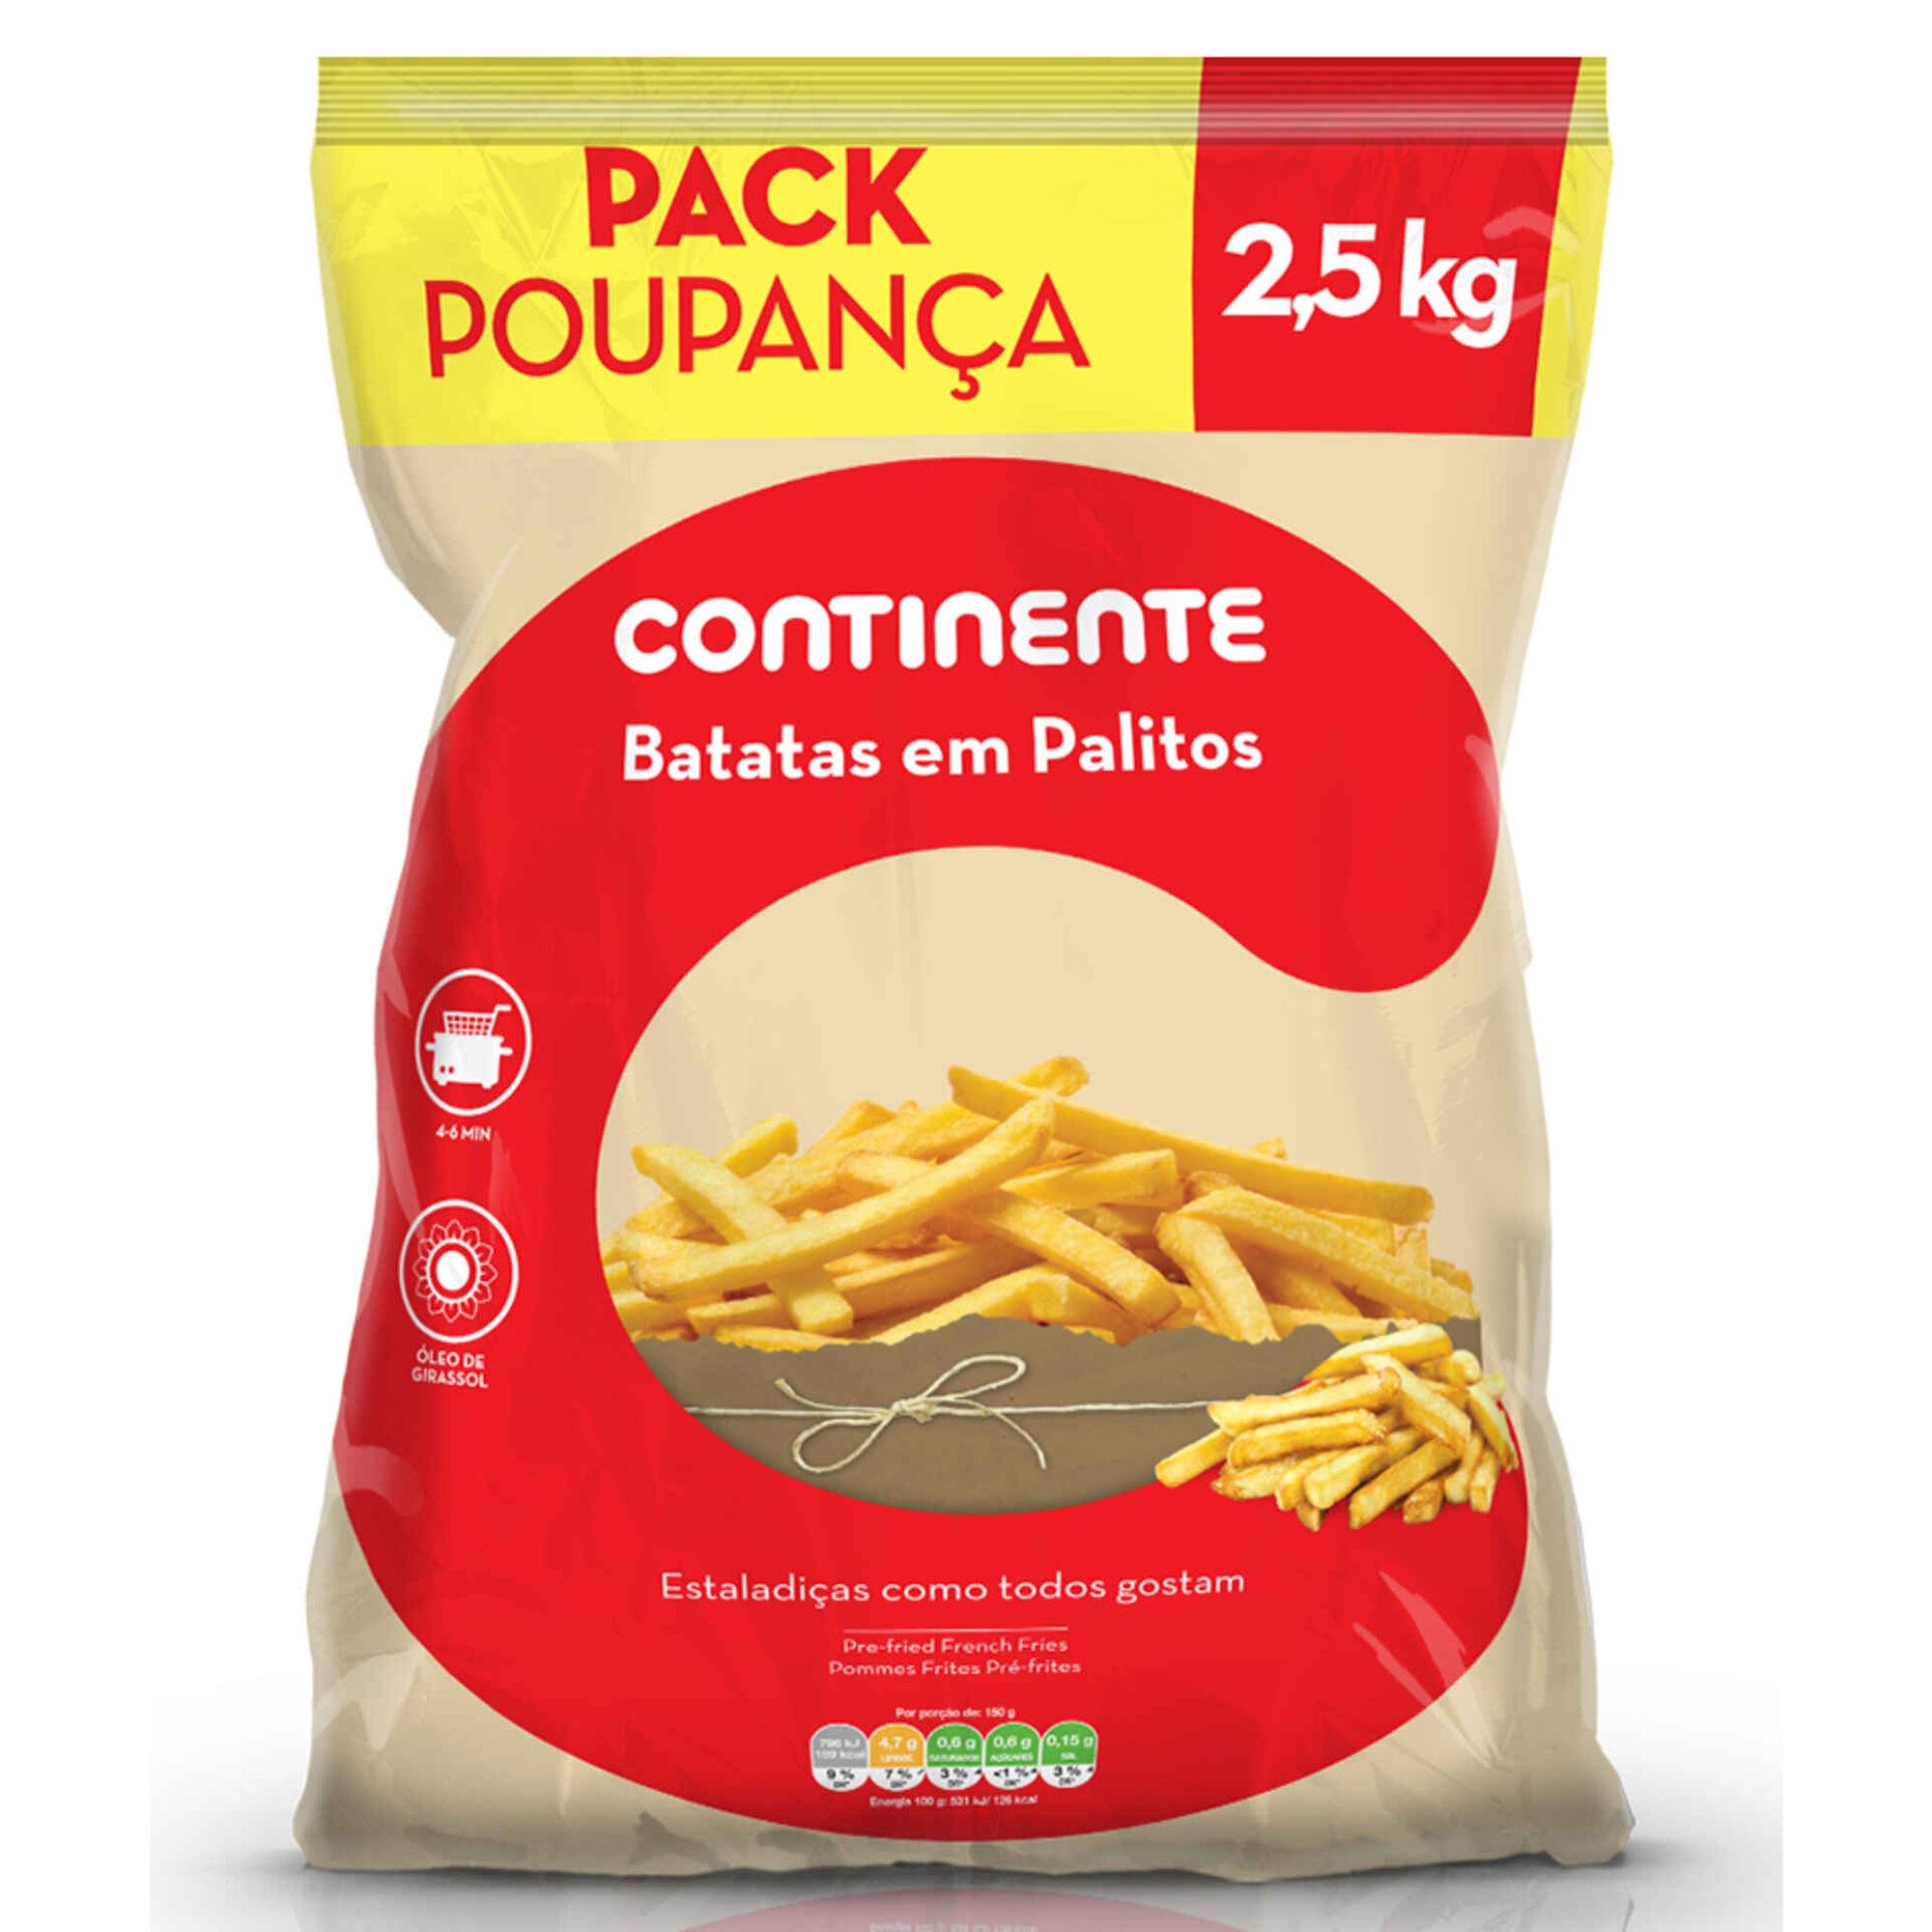 Batata Palitos Pack Poupança